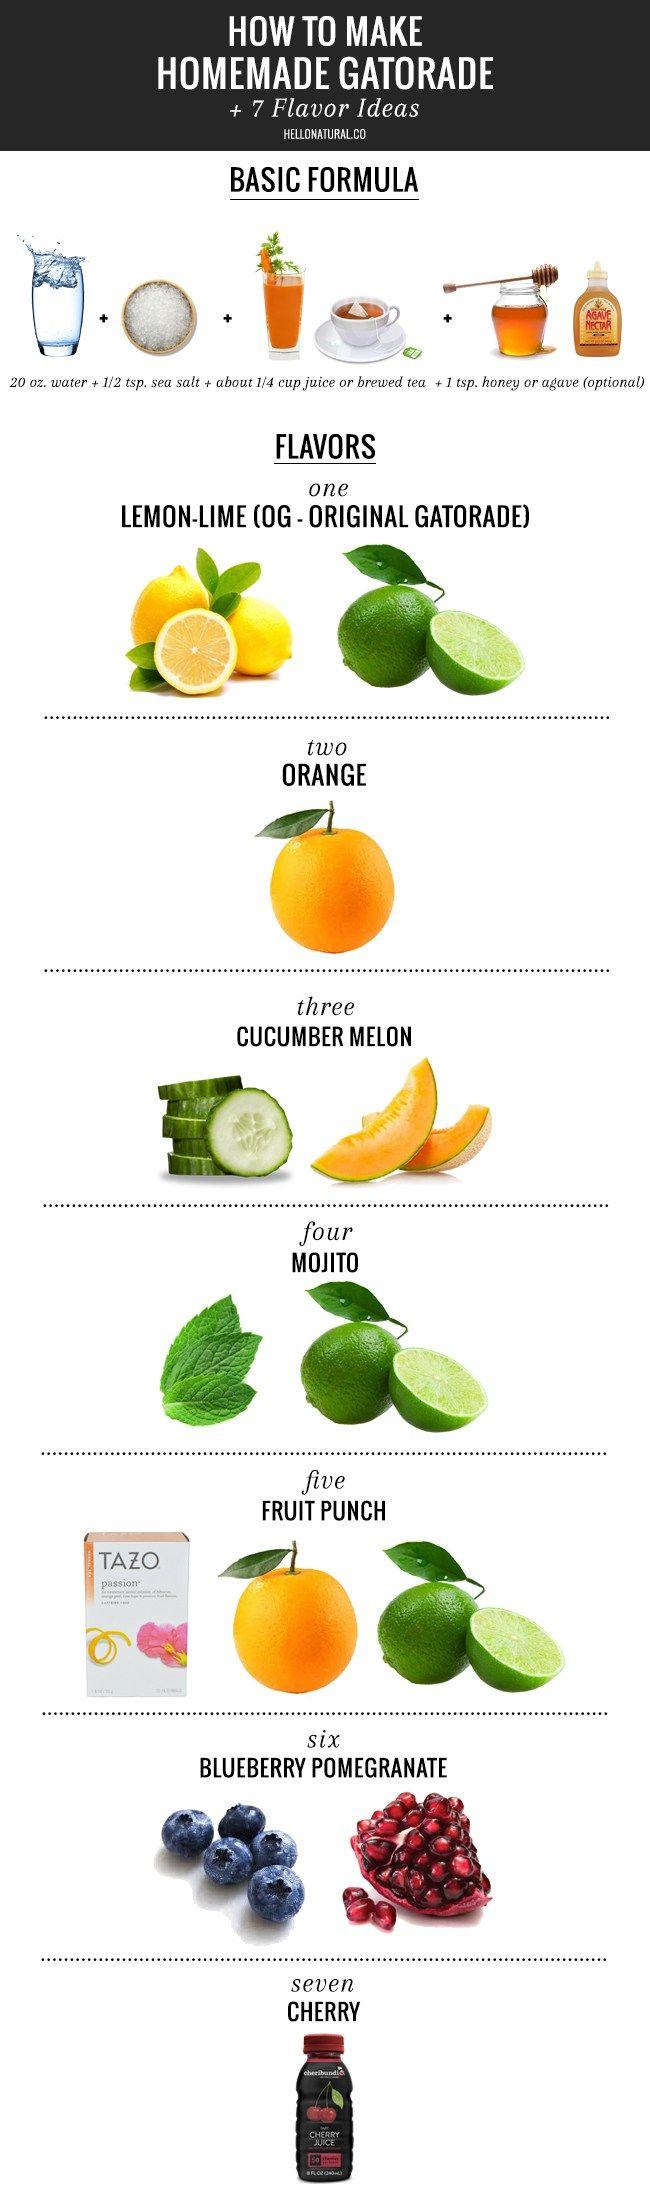 How to Make Homemade Gatorade + 7 Flavor Ideas